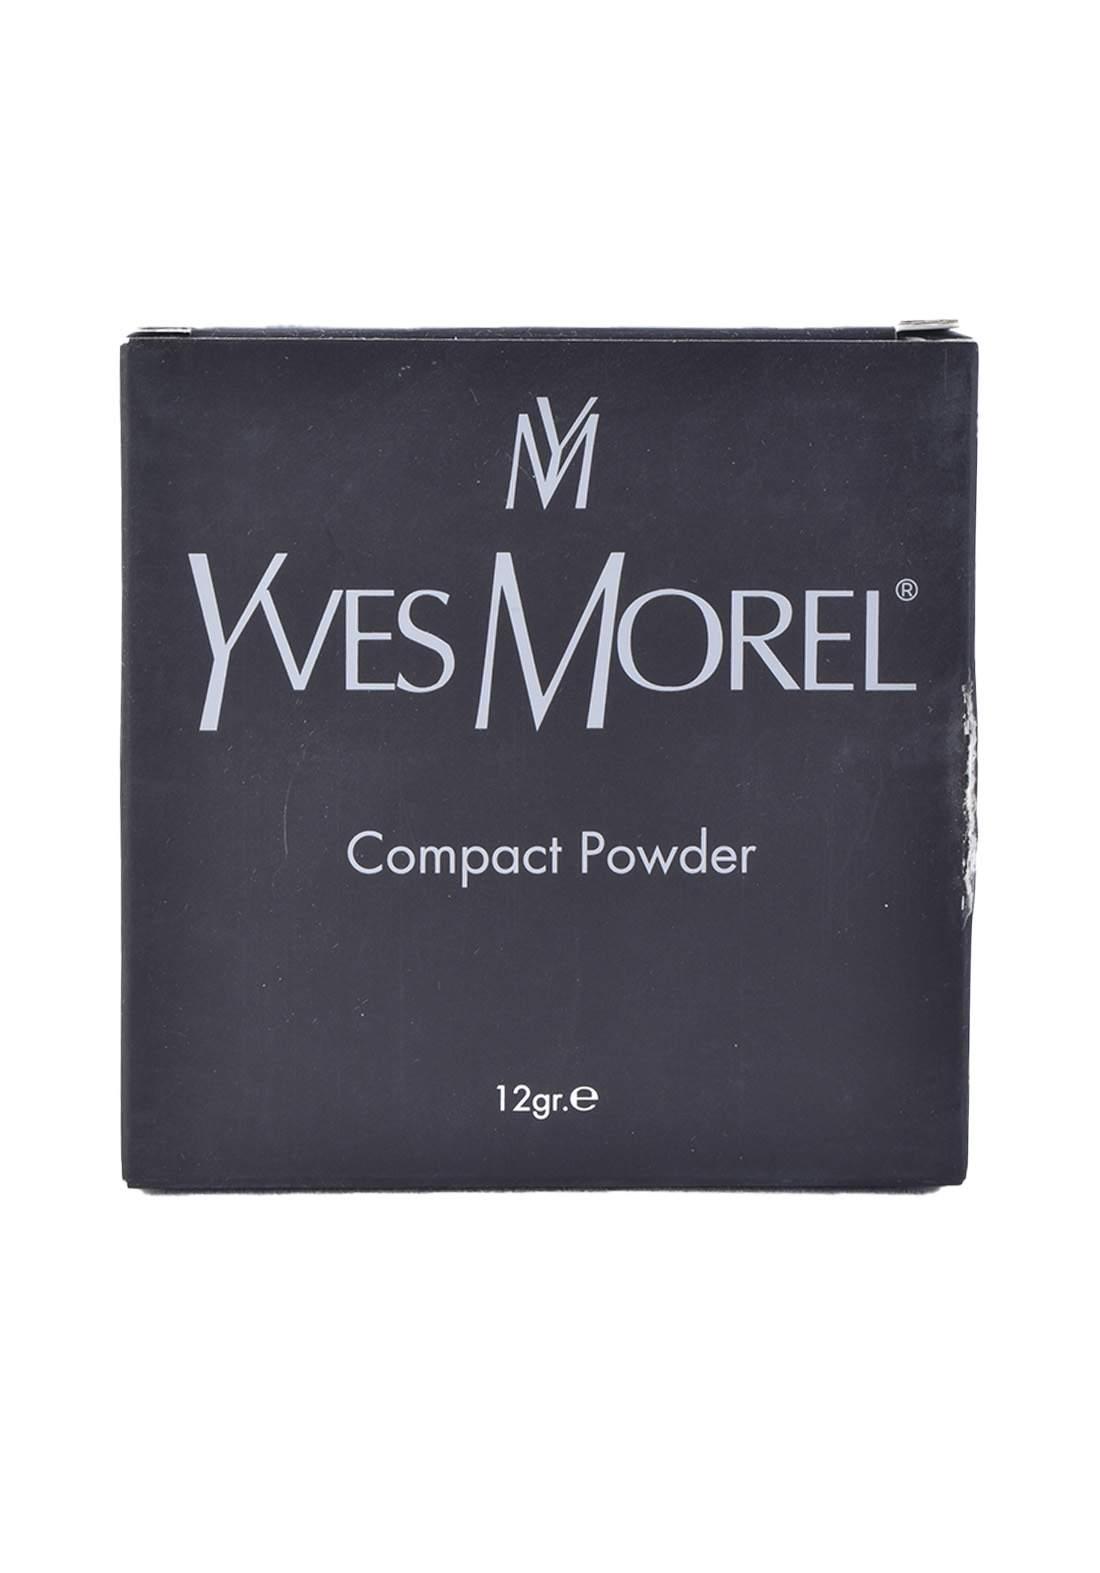 Yves Morel Compact Powder No.51 12g باودر